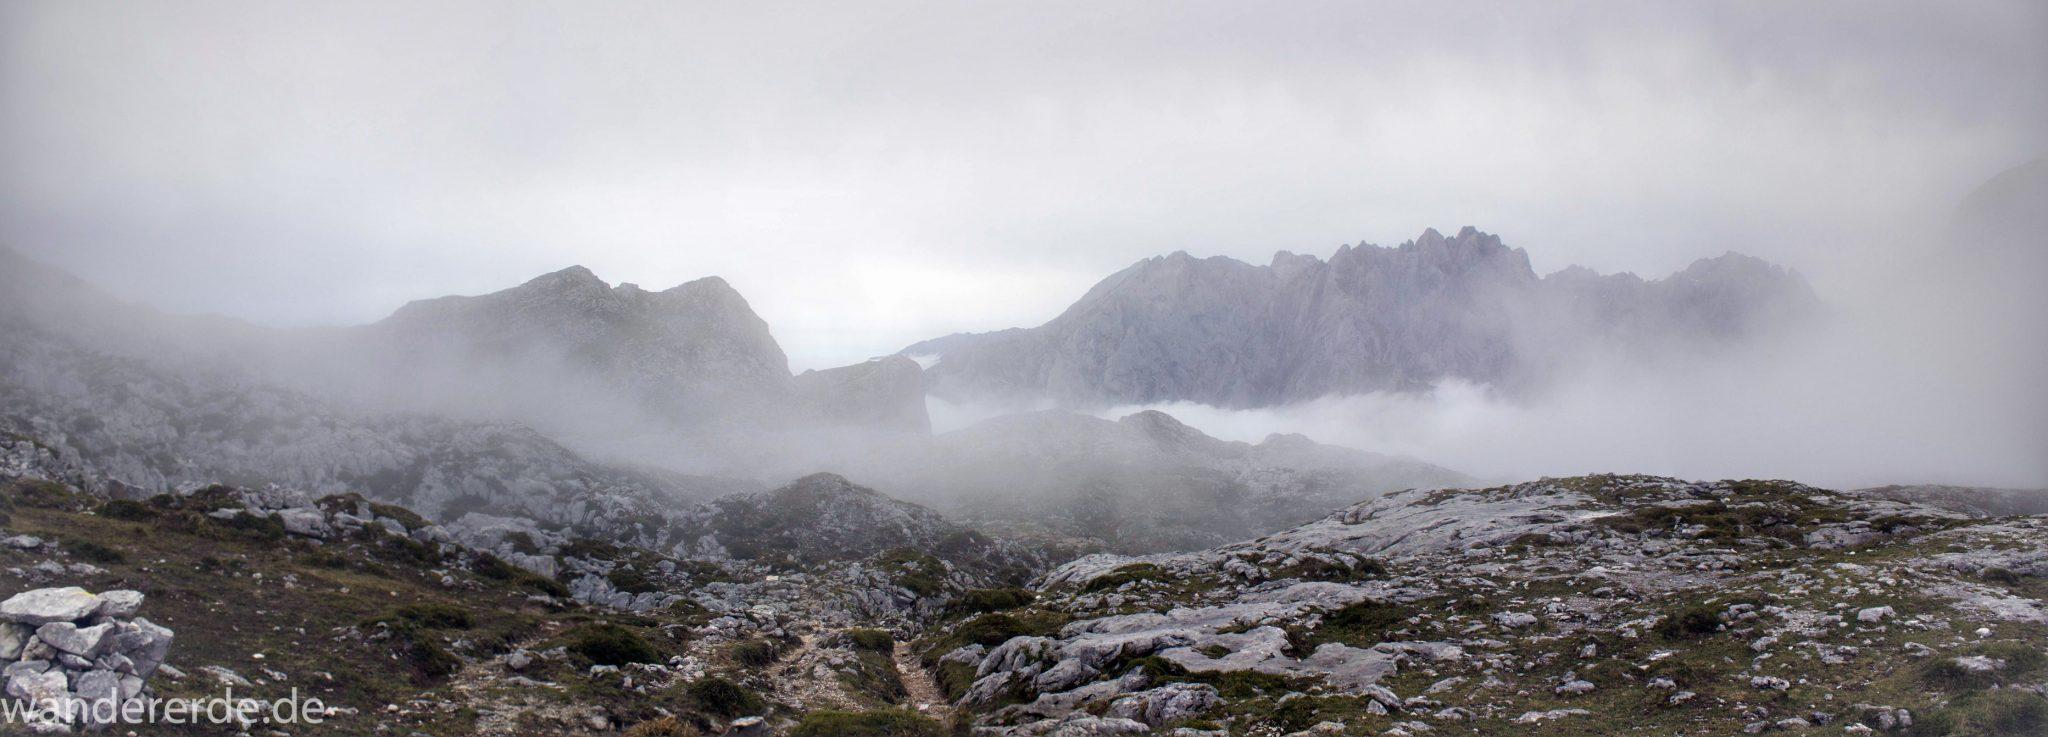 Wanderung Vega de Ario Picos de Europa Spanien, dichte Wolken, Bergregion in Nordspanien, Wandern, zerklüftete Felsen, Steine, schmaler Wanderpfad, Berge in Wolken, atmosphärisch